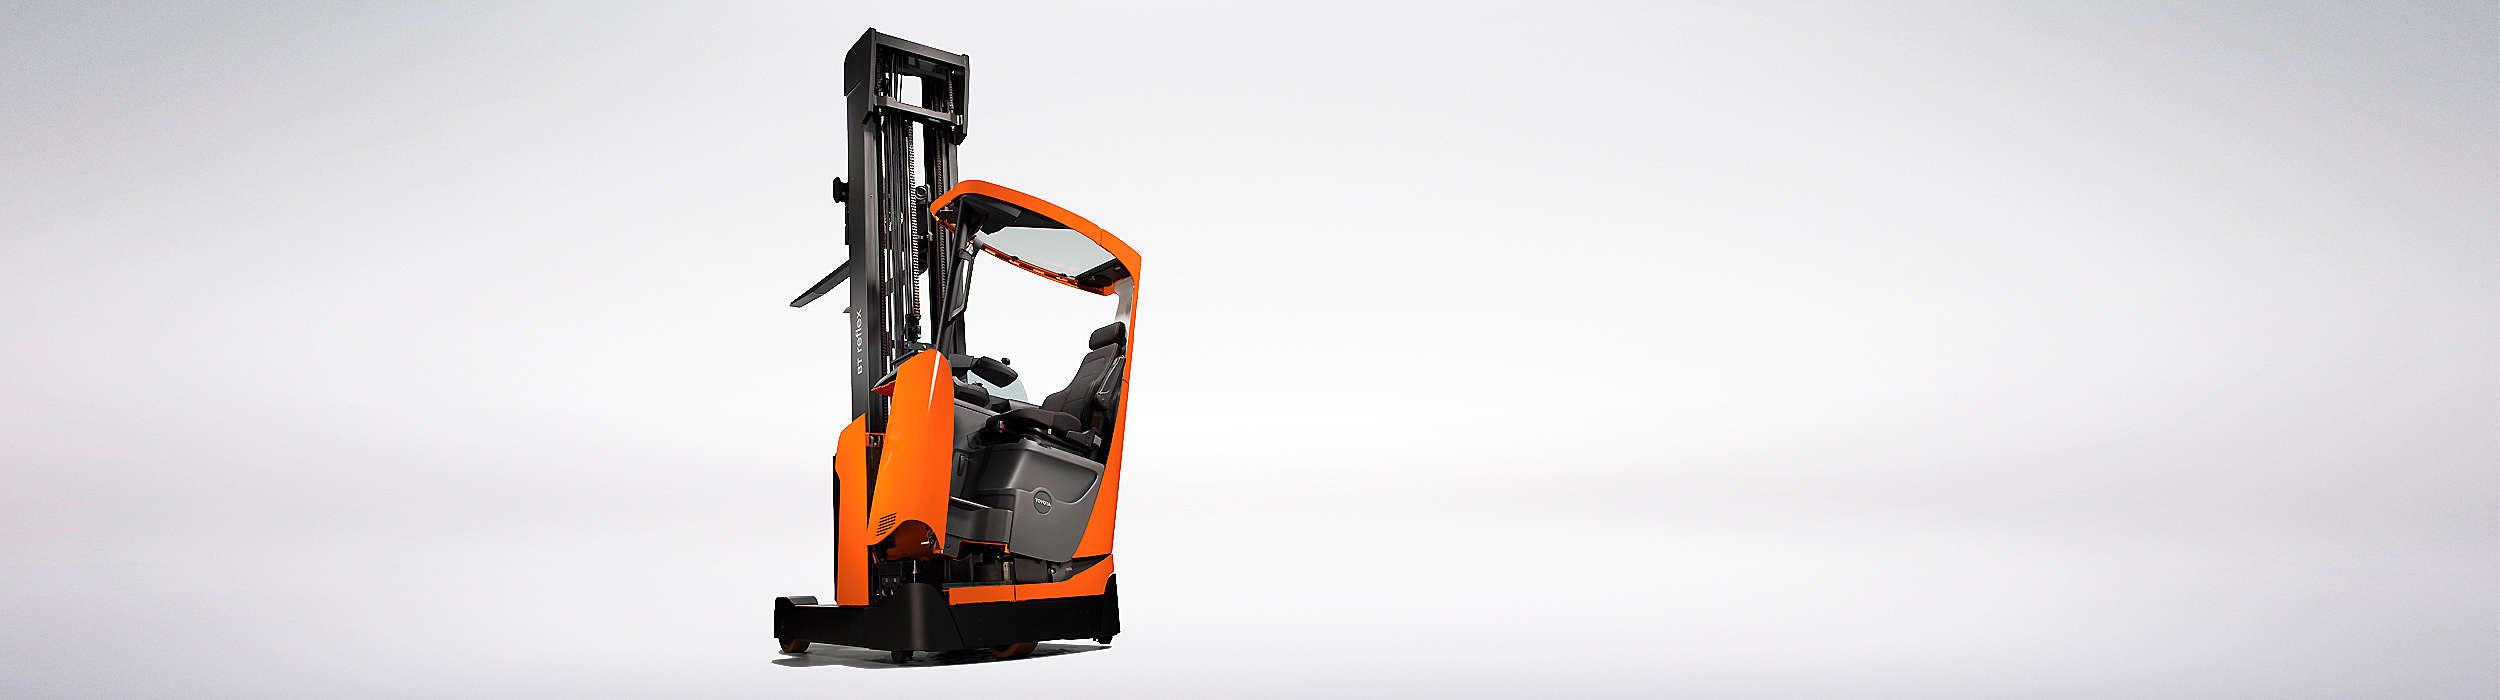 Seria BT Reflex E cu cabina unica de inclinare pentru confortul maxim al operatorului.